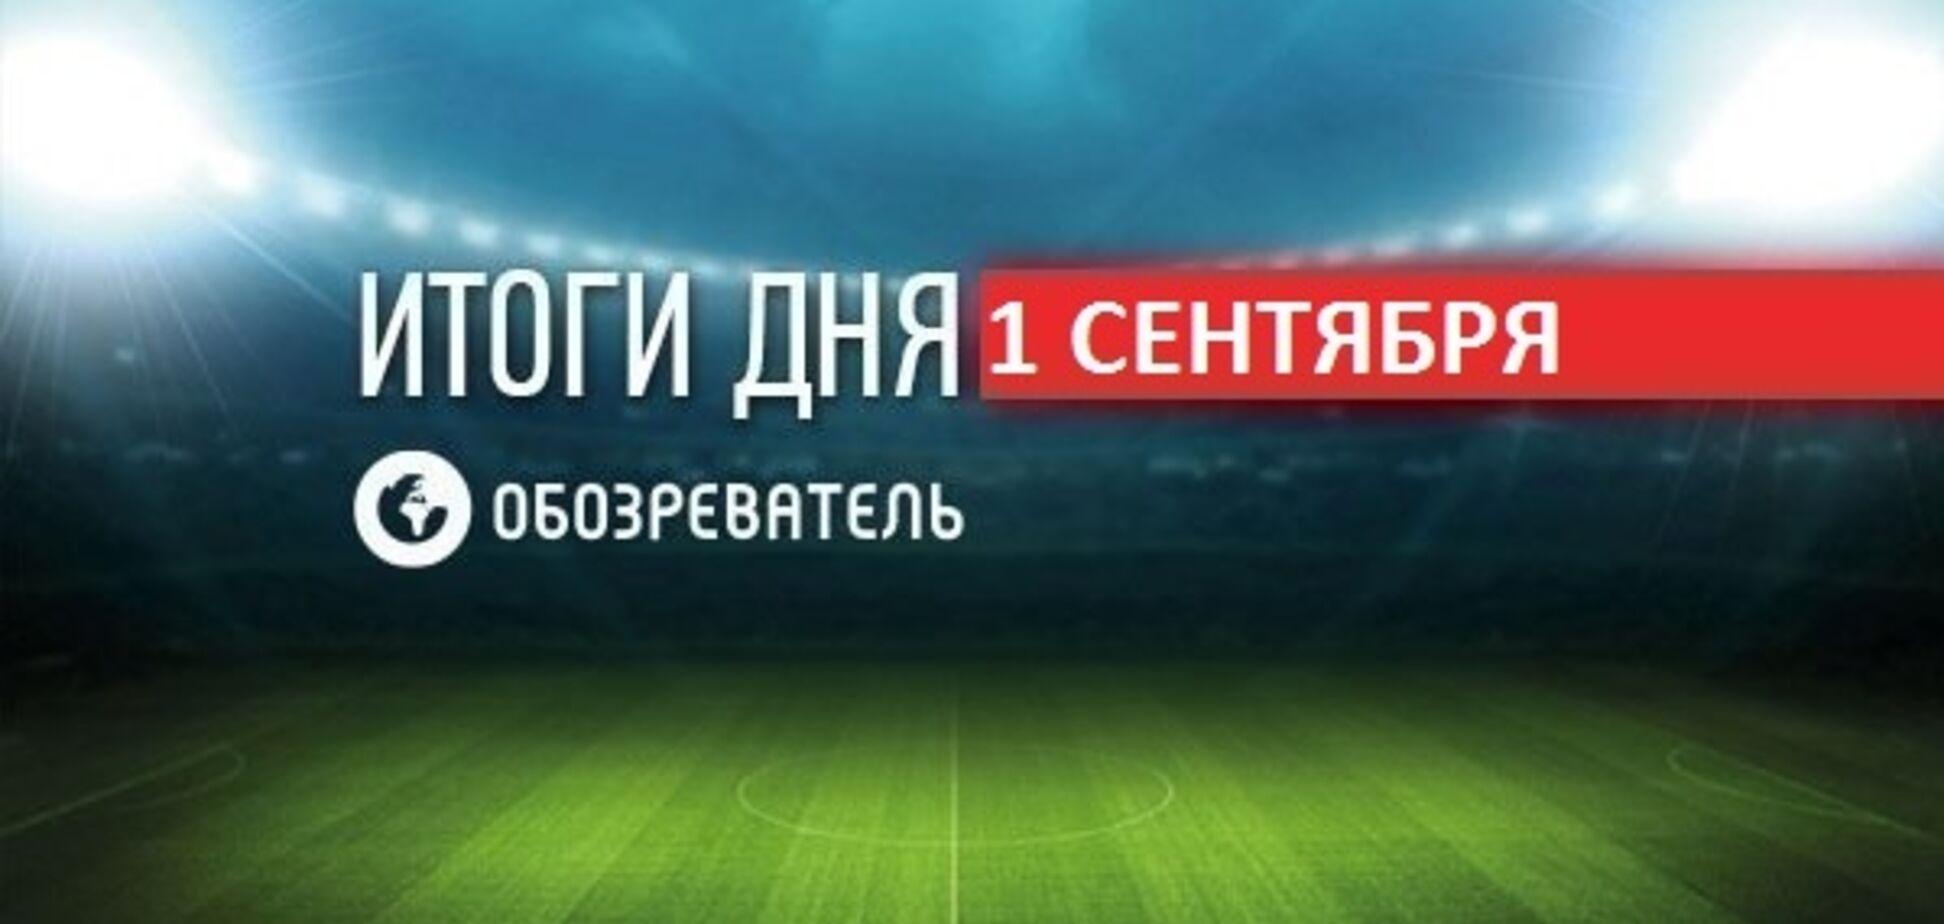 РосТБ осоромилося з боєм Ломаченка: спортивні підсумки 1 вересня